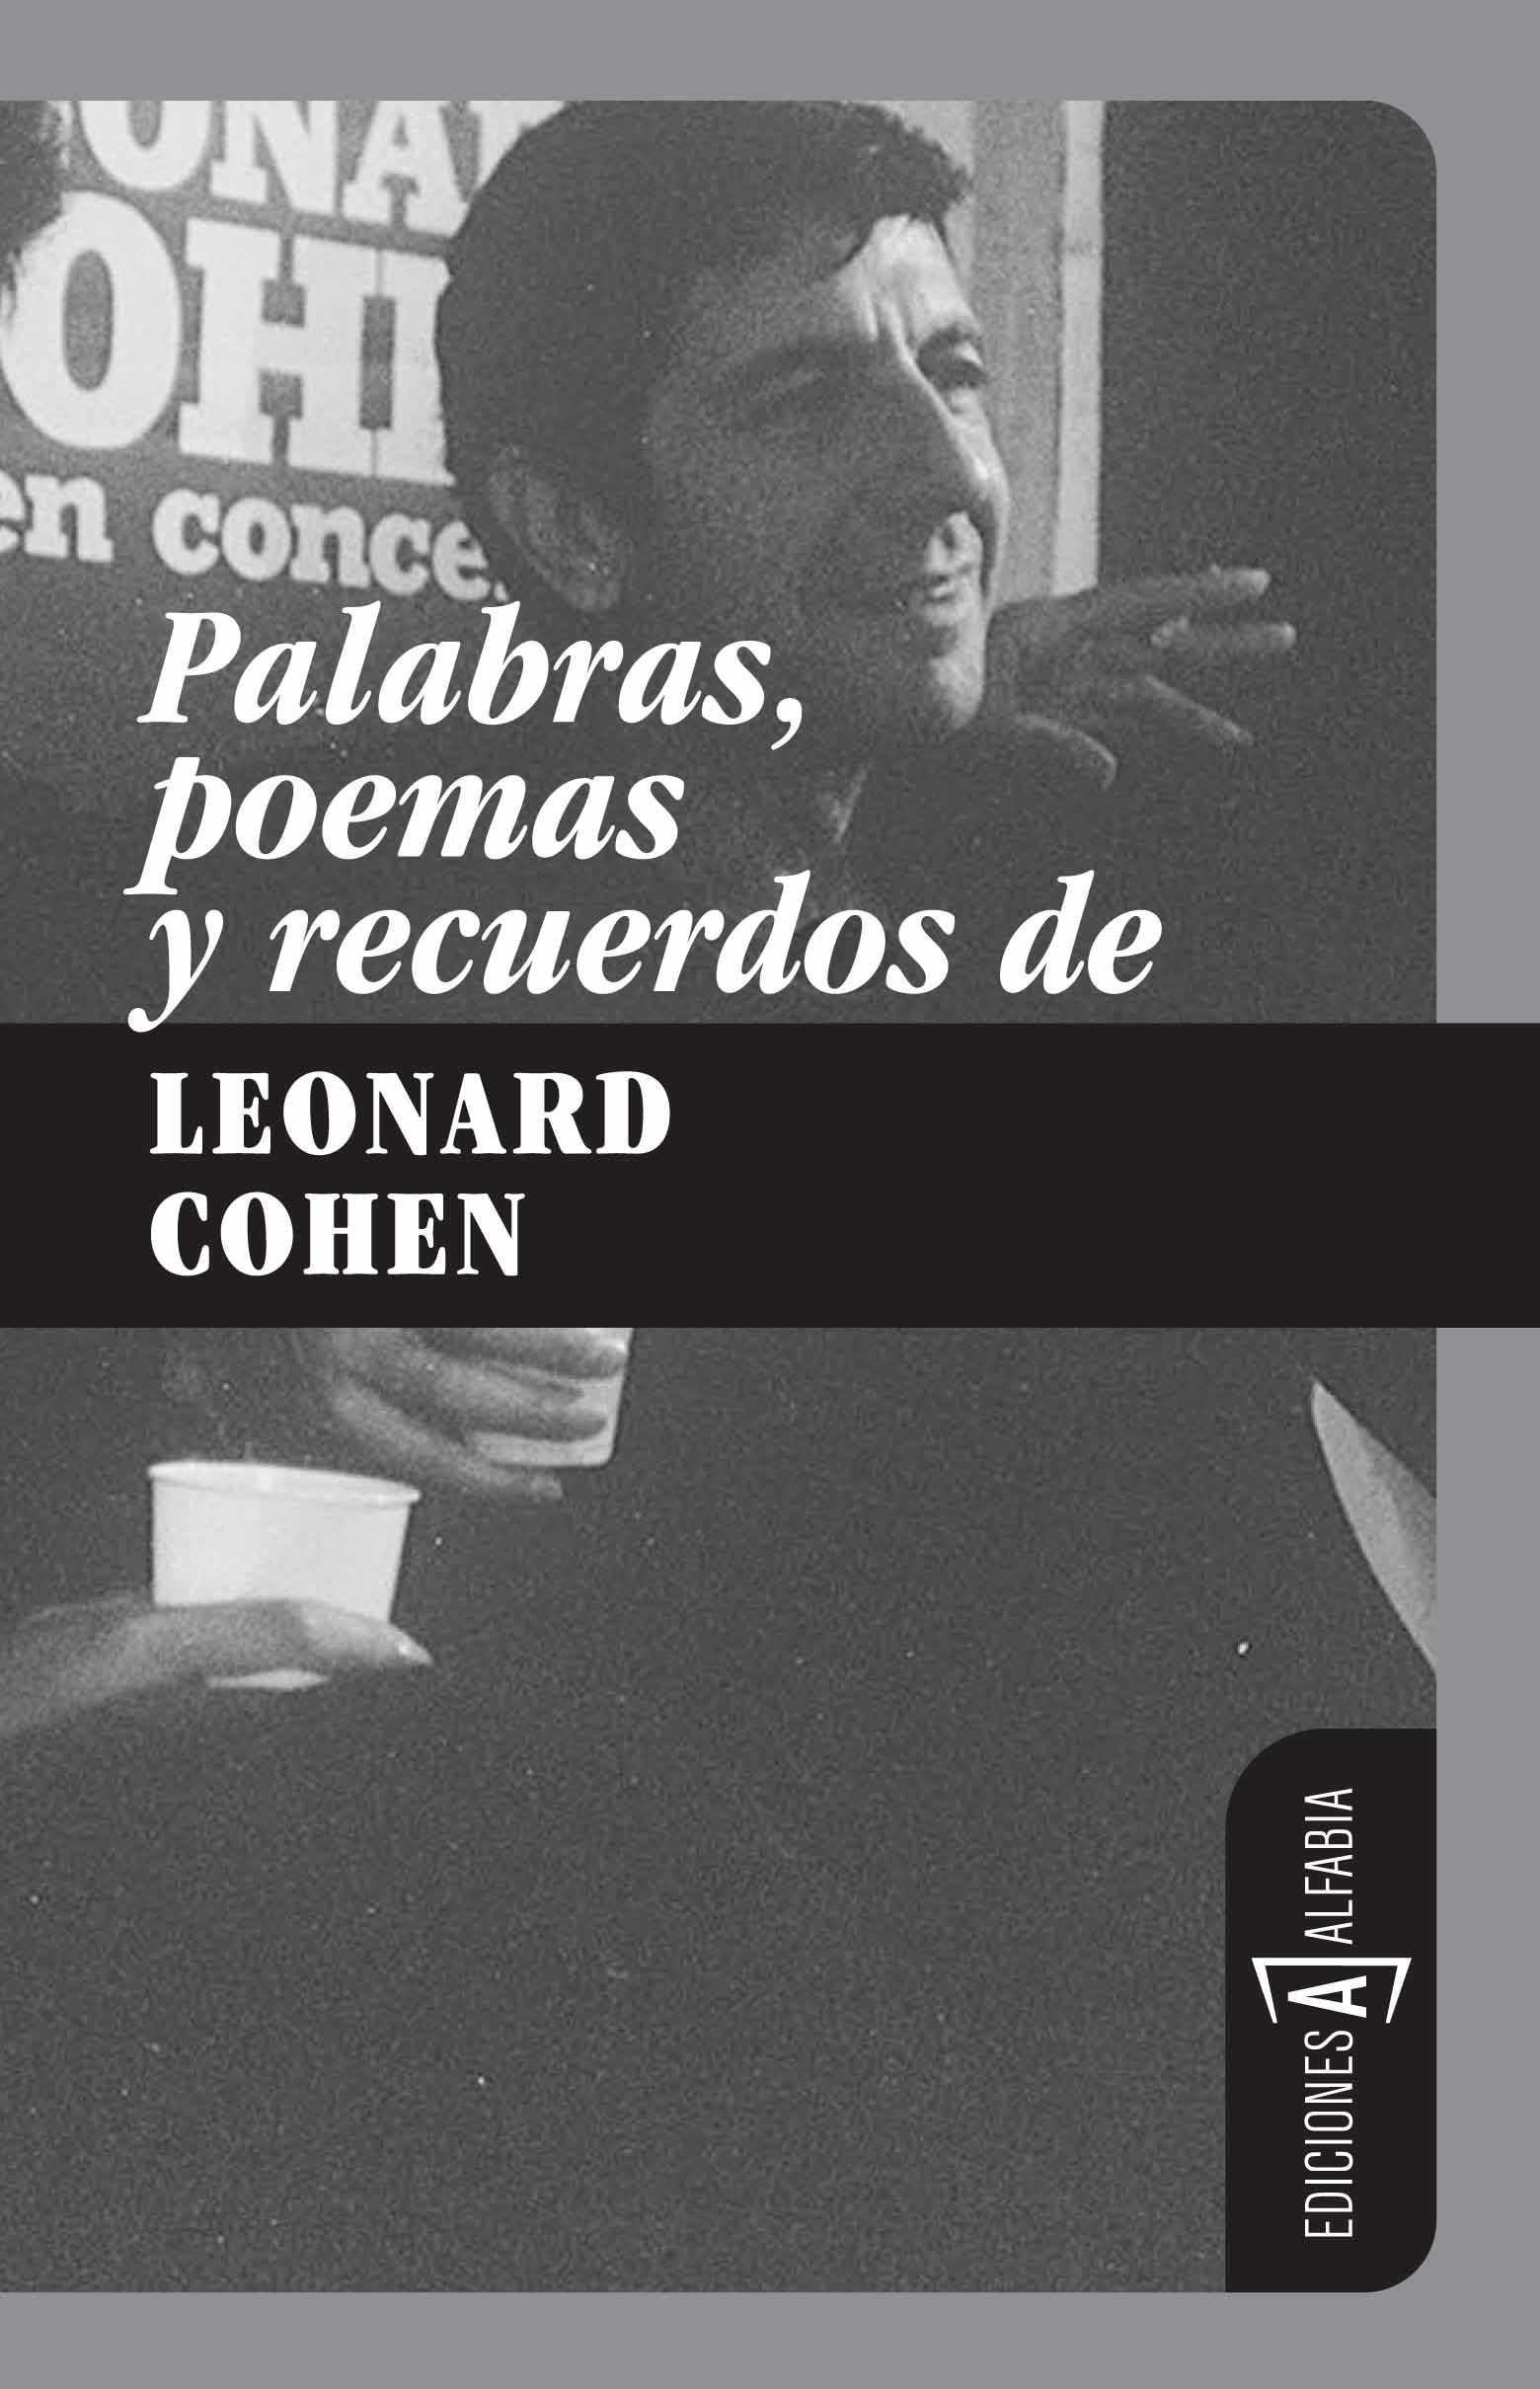 PALABRAS, POEMAS Y RECUERDOS DE LEONARD COHEN